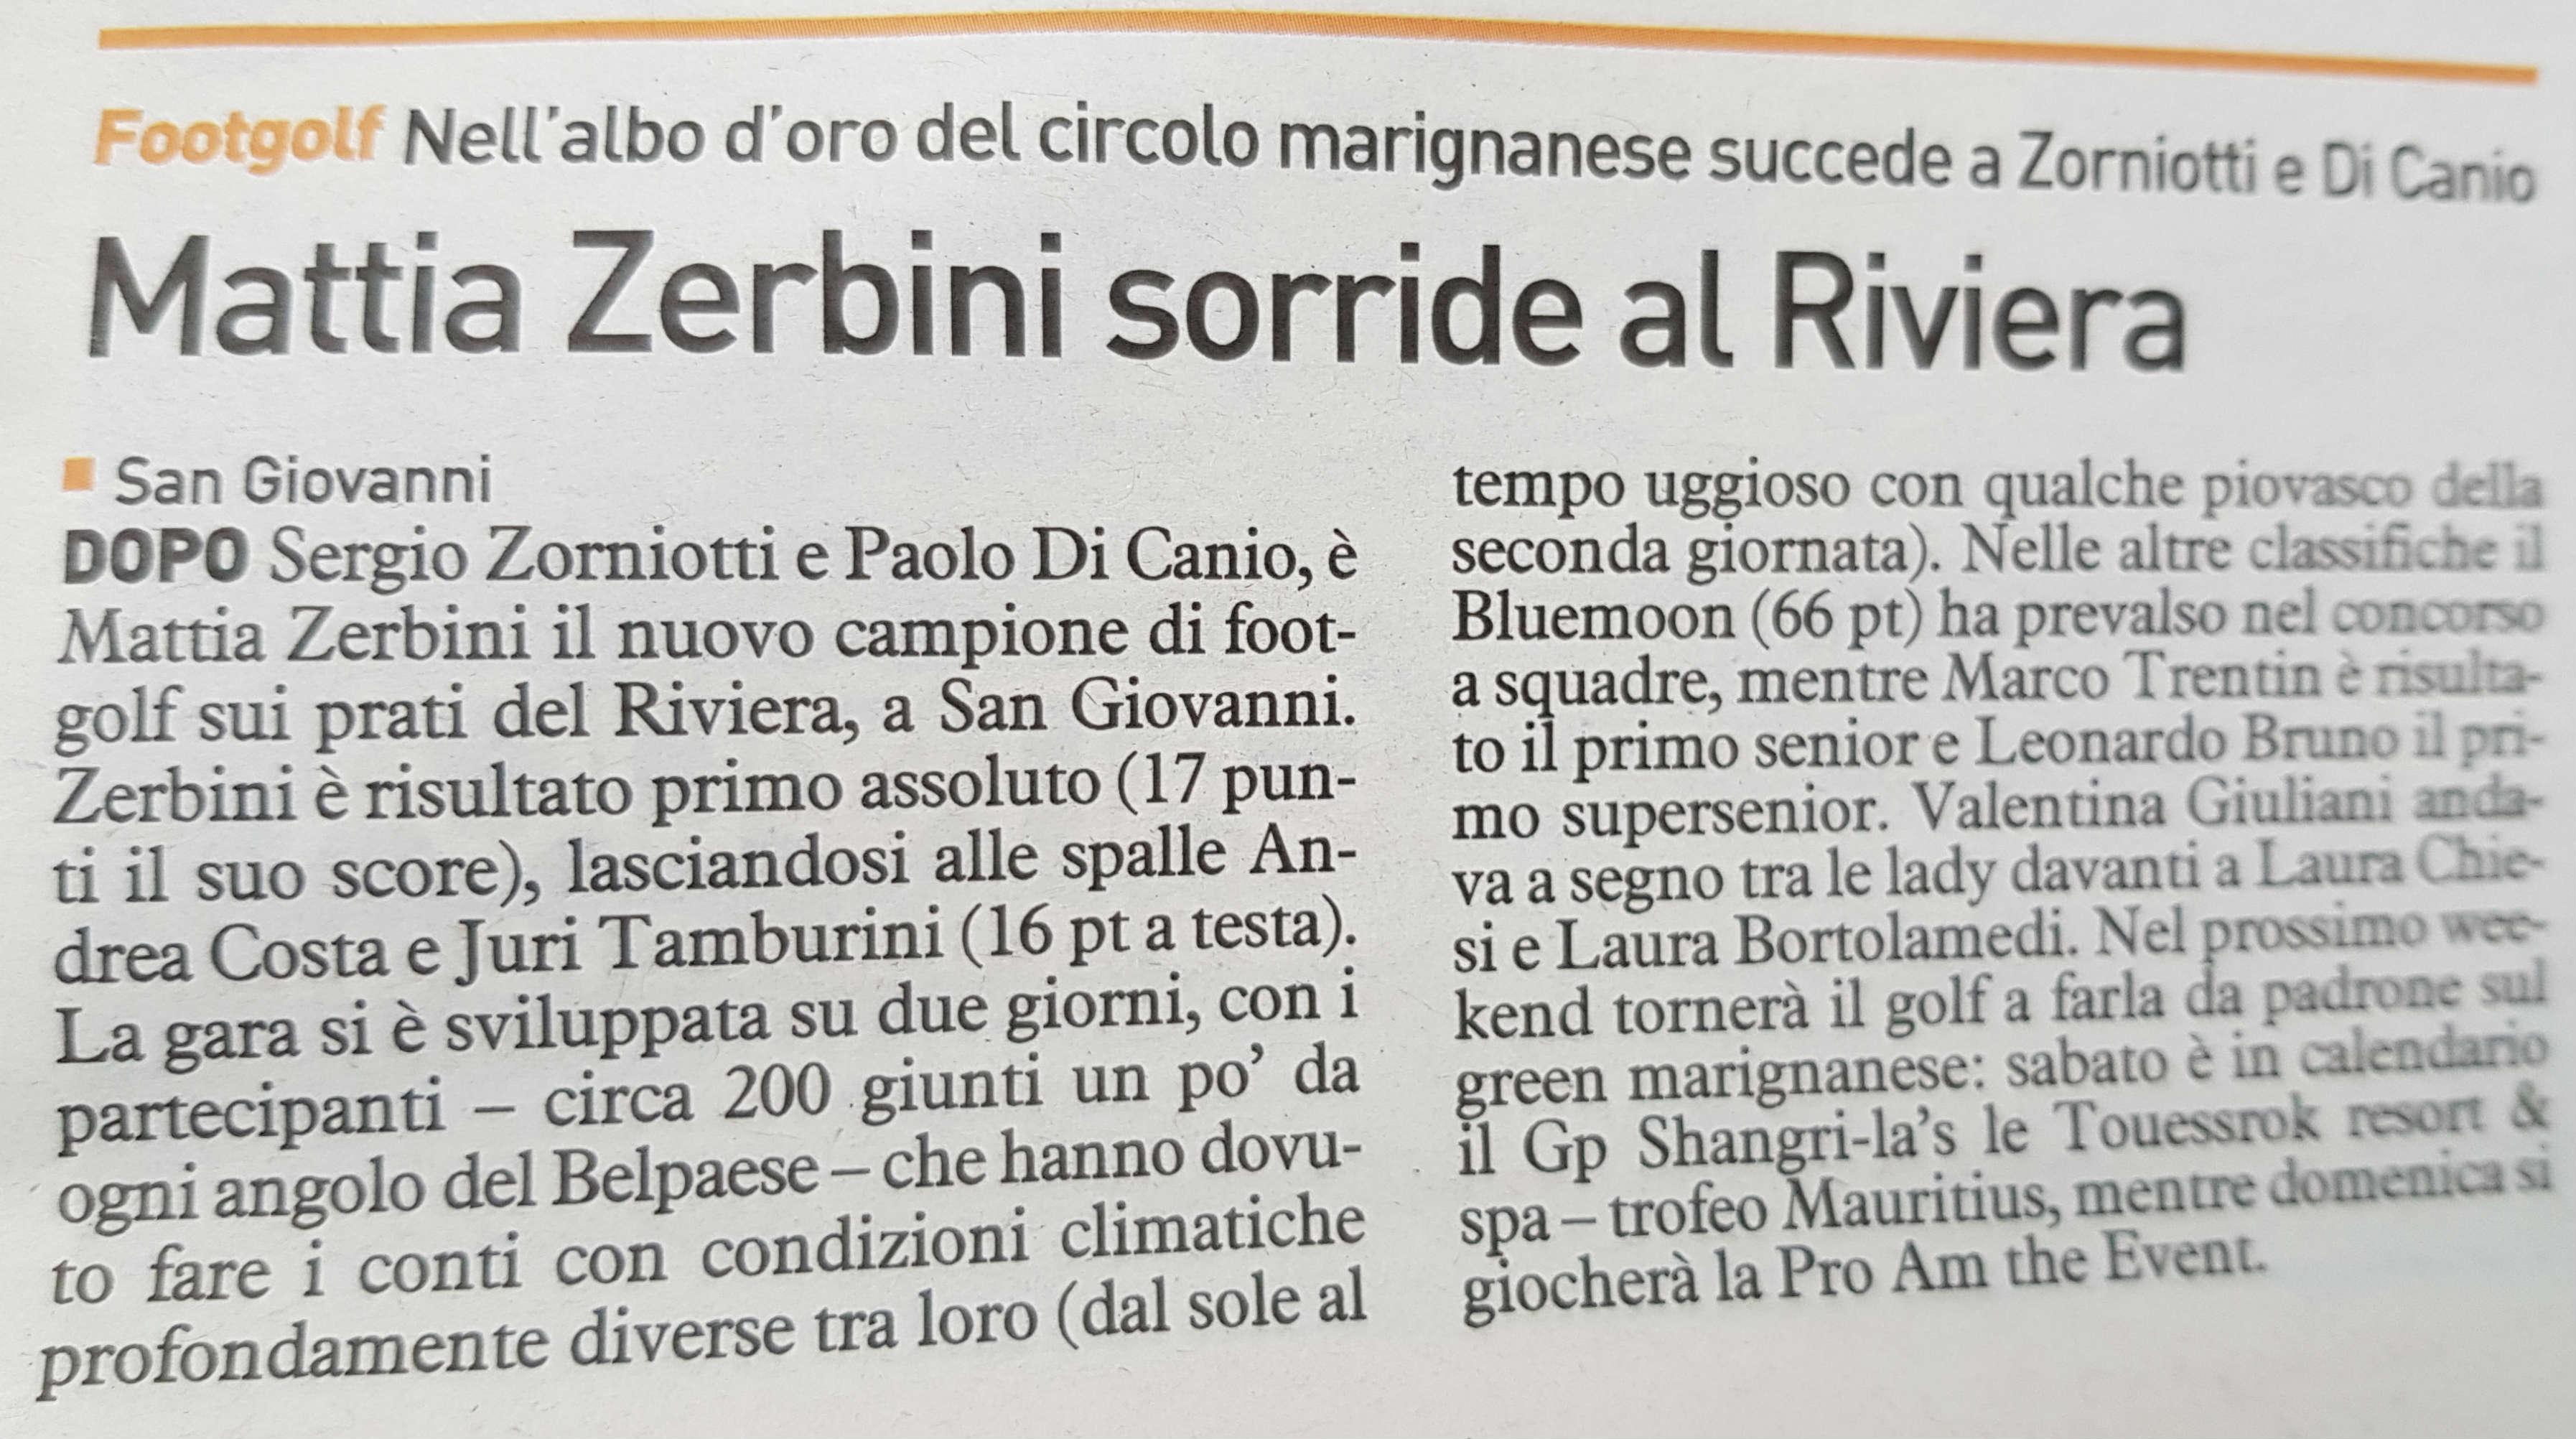 Mattia Zerbini sorride al Riviera